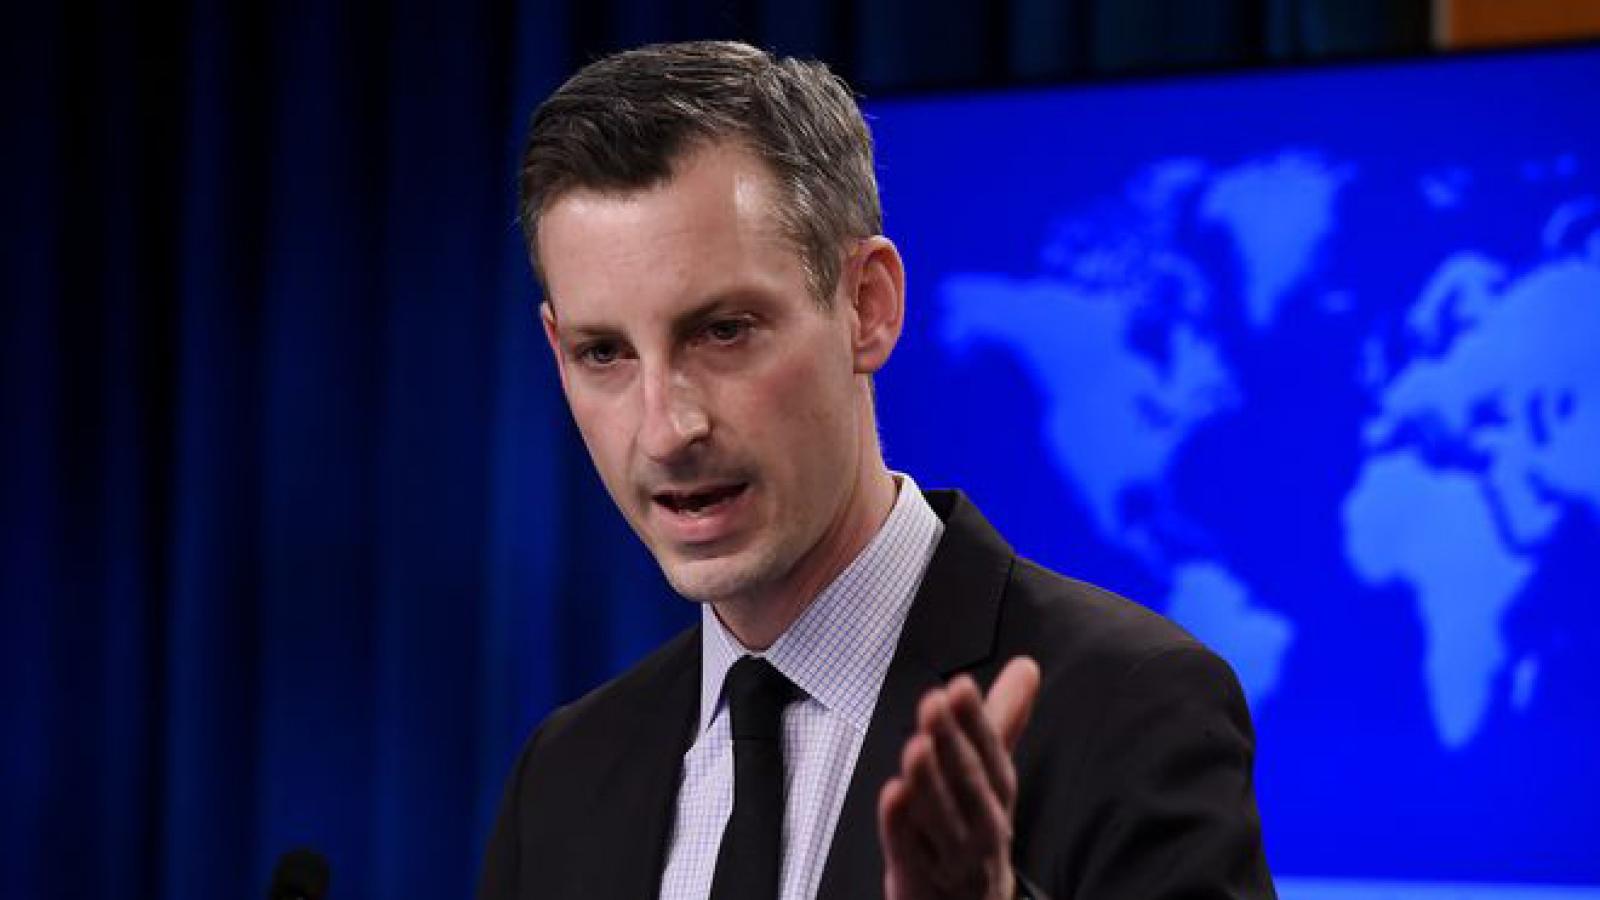 Mỹ tiếp tục coi phi hạt nhân hóa là trọng tâm của chính sách đối với Triều Tiên